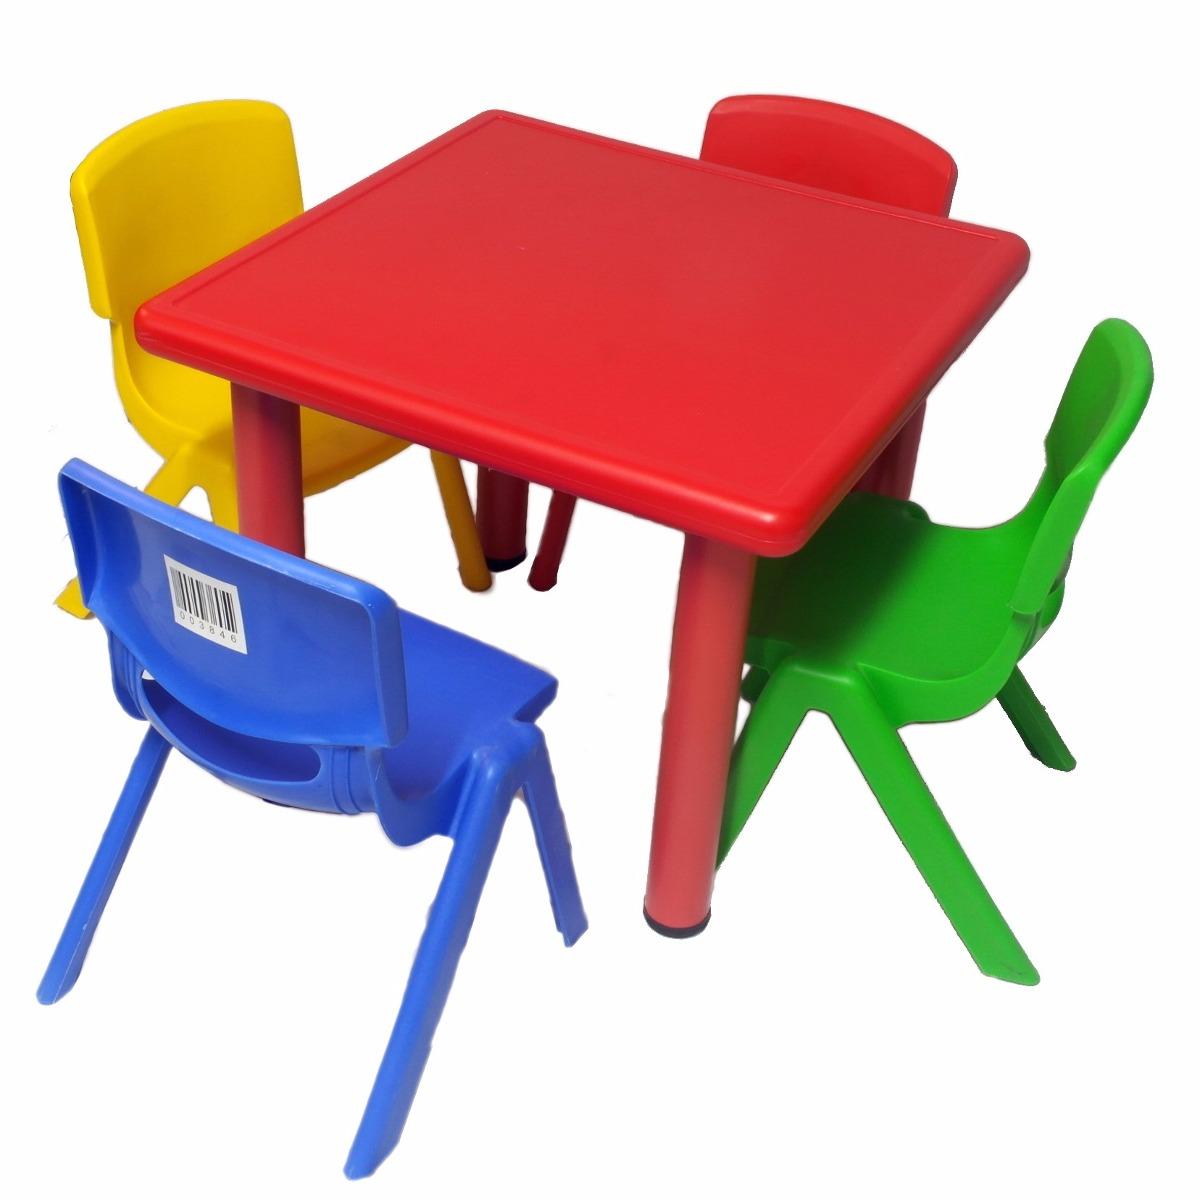 Mesa de pl stico para ni os 4 sillas varios colores u for Medidas sillas ninos